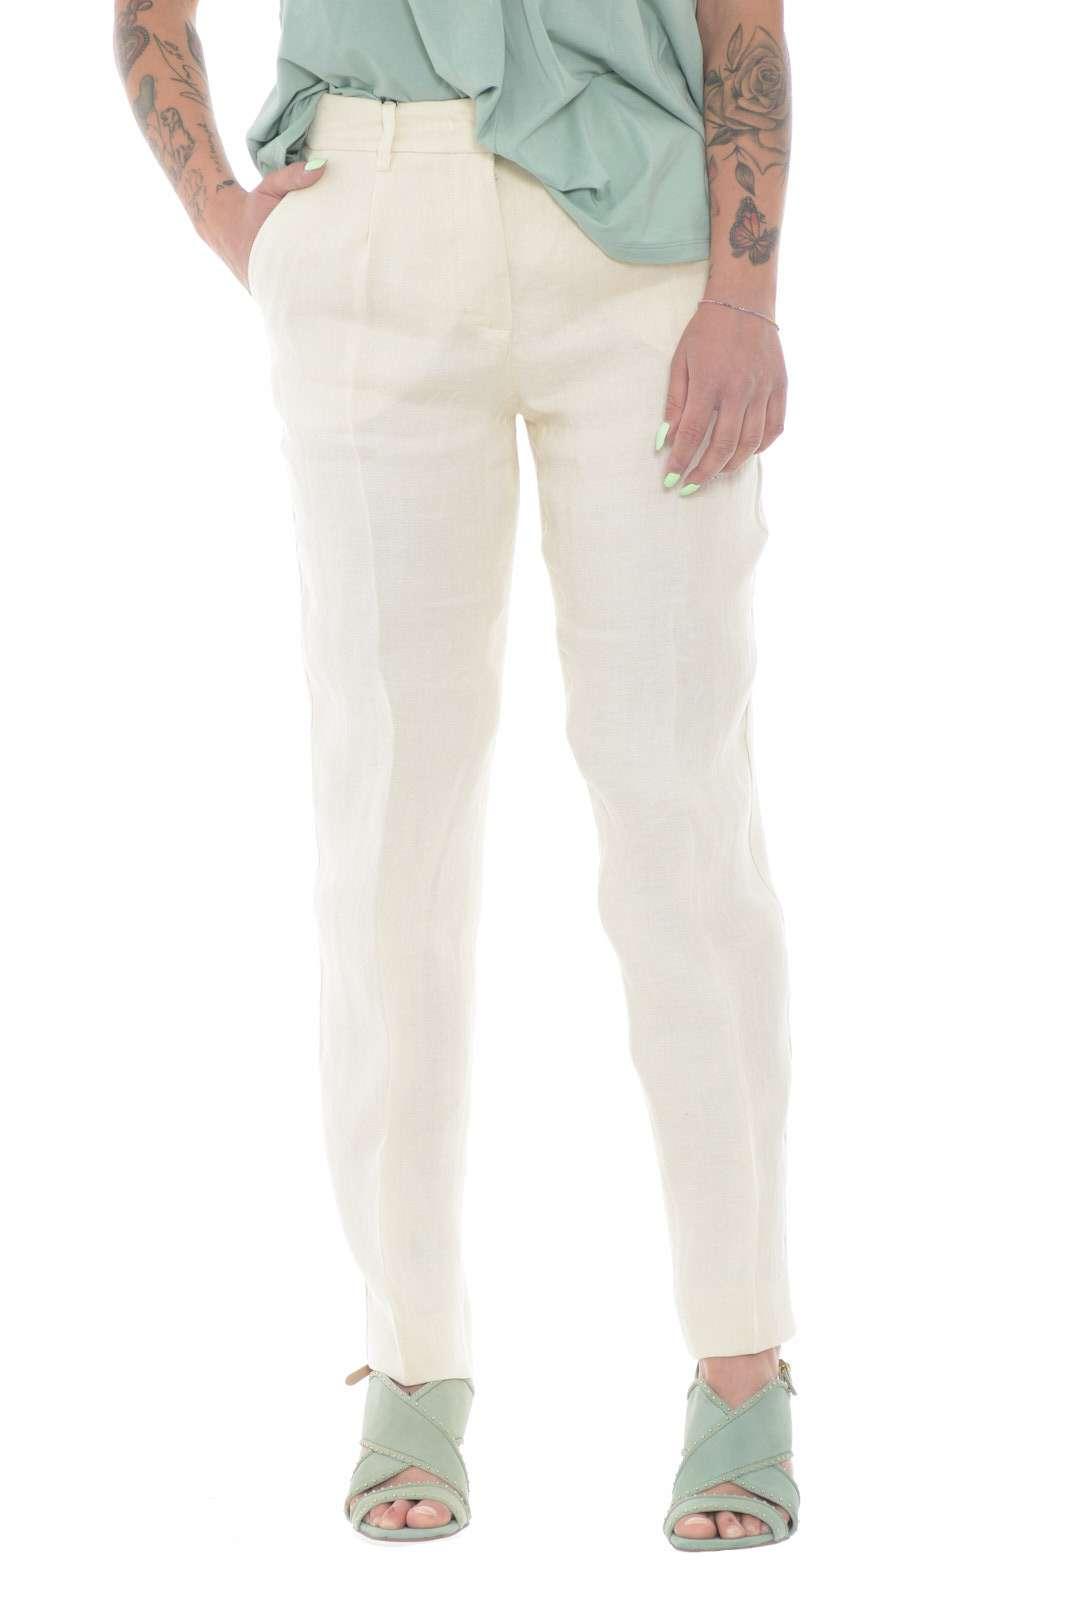 Il pantalone per eccellenza in tela di lino quello firmato per la collezione primavera estate di Weekend MaxMara. Da abbinare con ogni look, si impone con la sua linea femminile e fresca. Un evergreen della bella stagione con le esclusive tasche a filo e le pinces sul davanti.